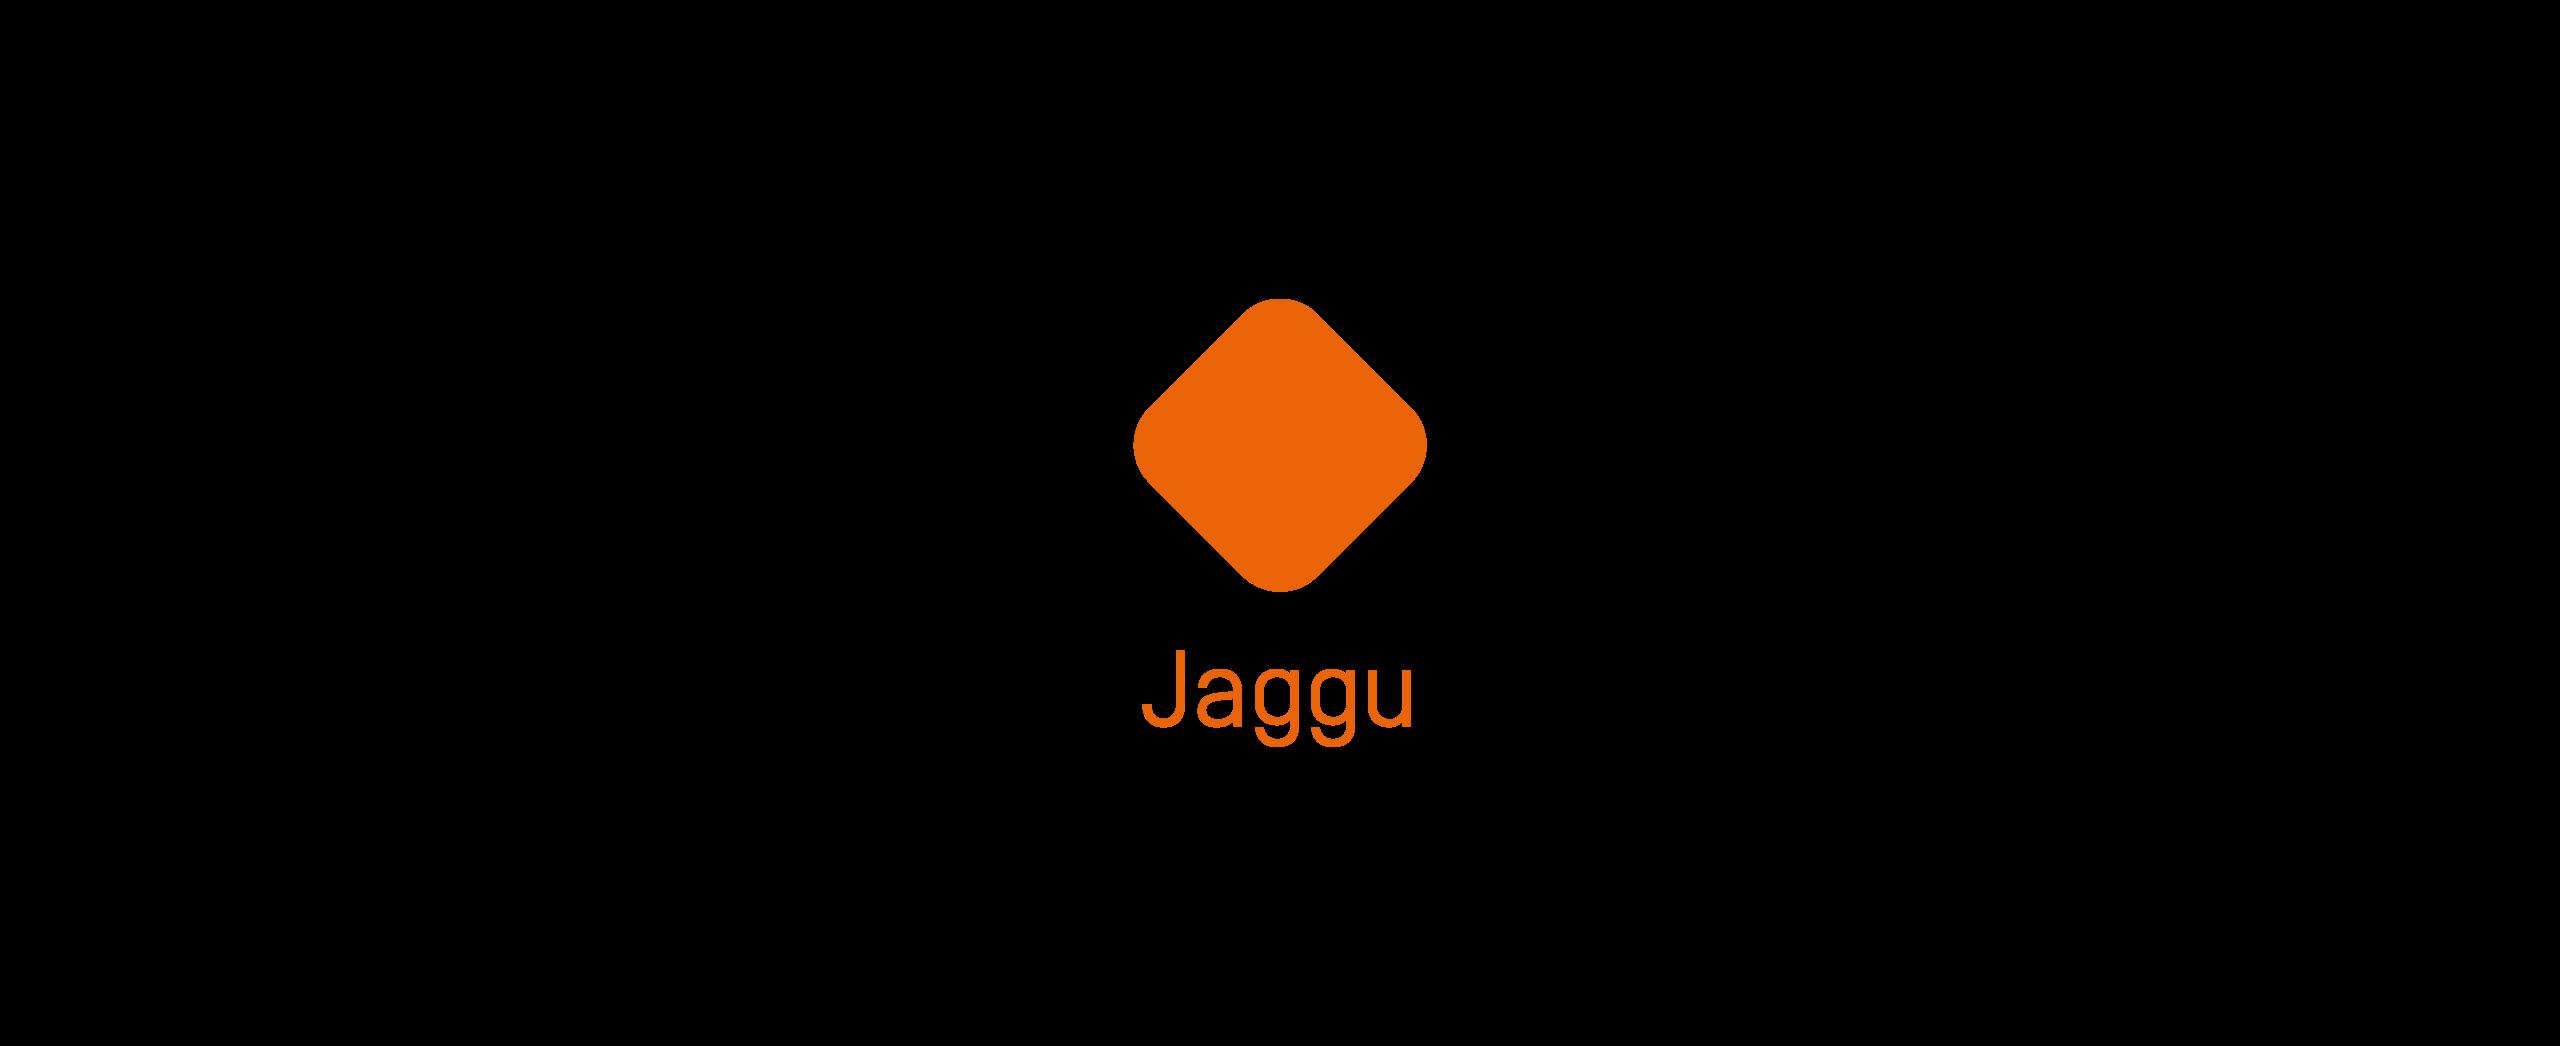 jaggu_logo_orange2